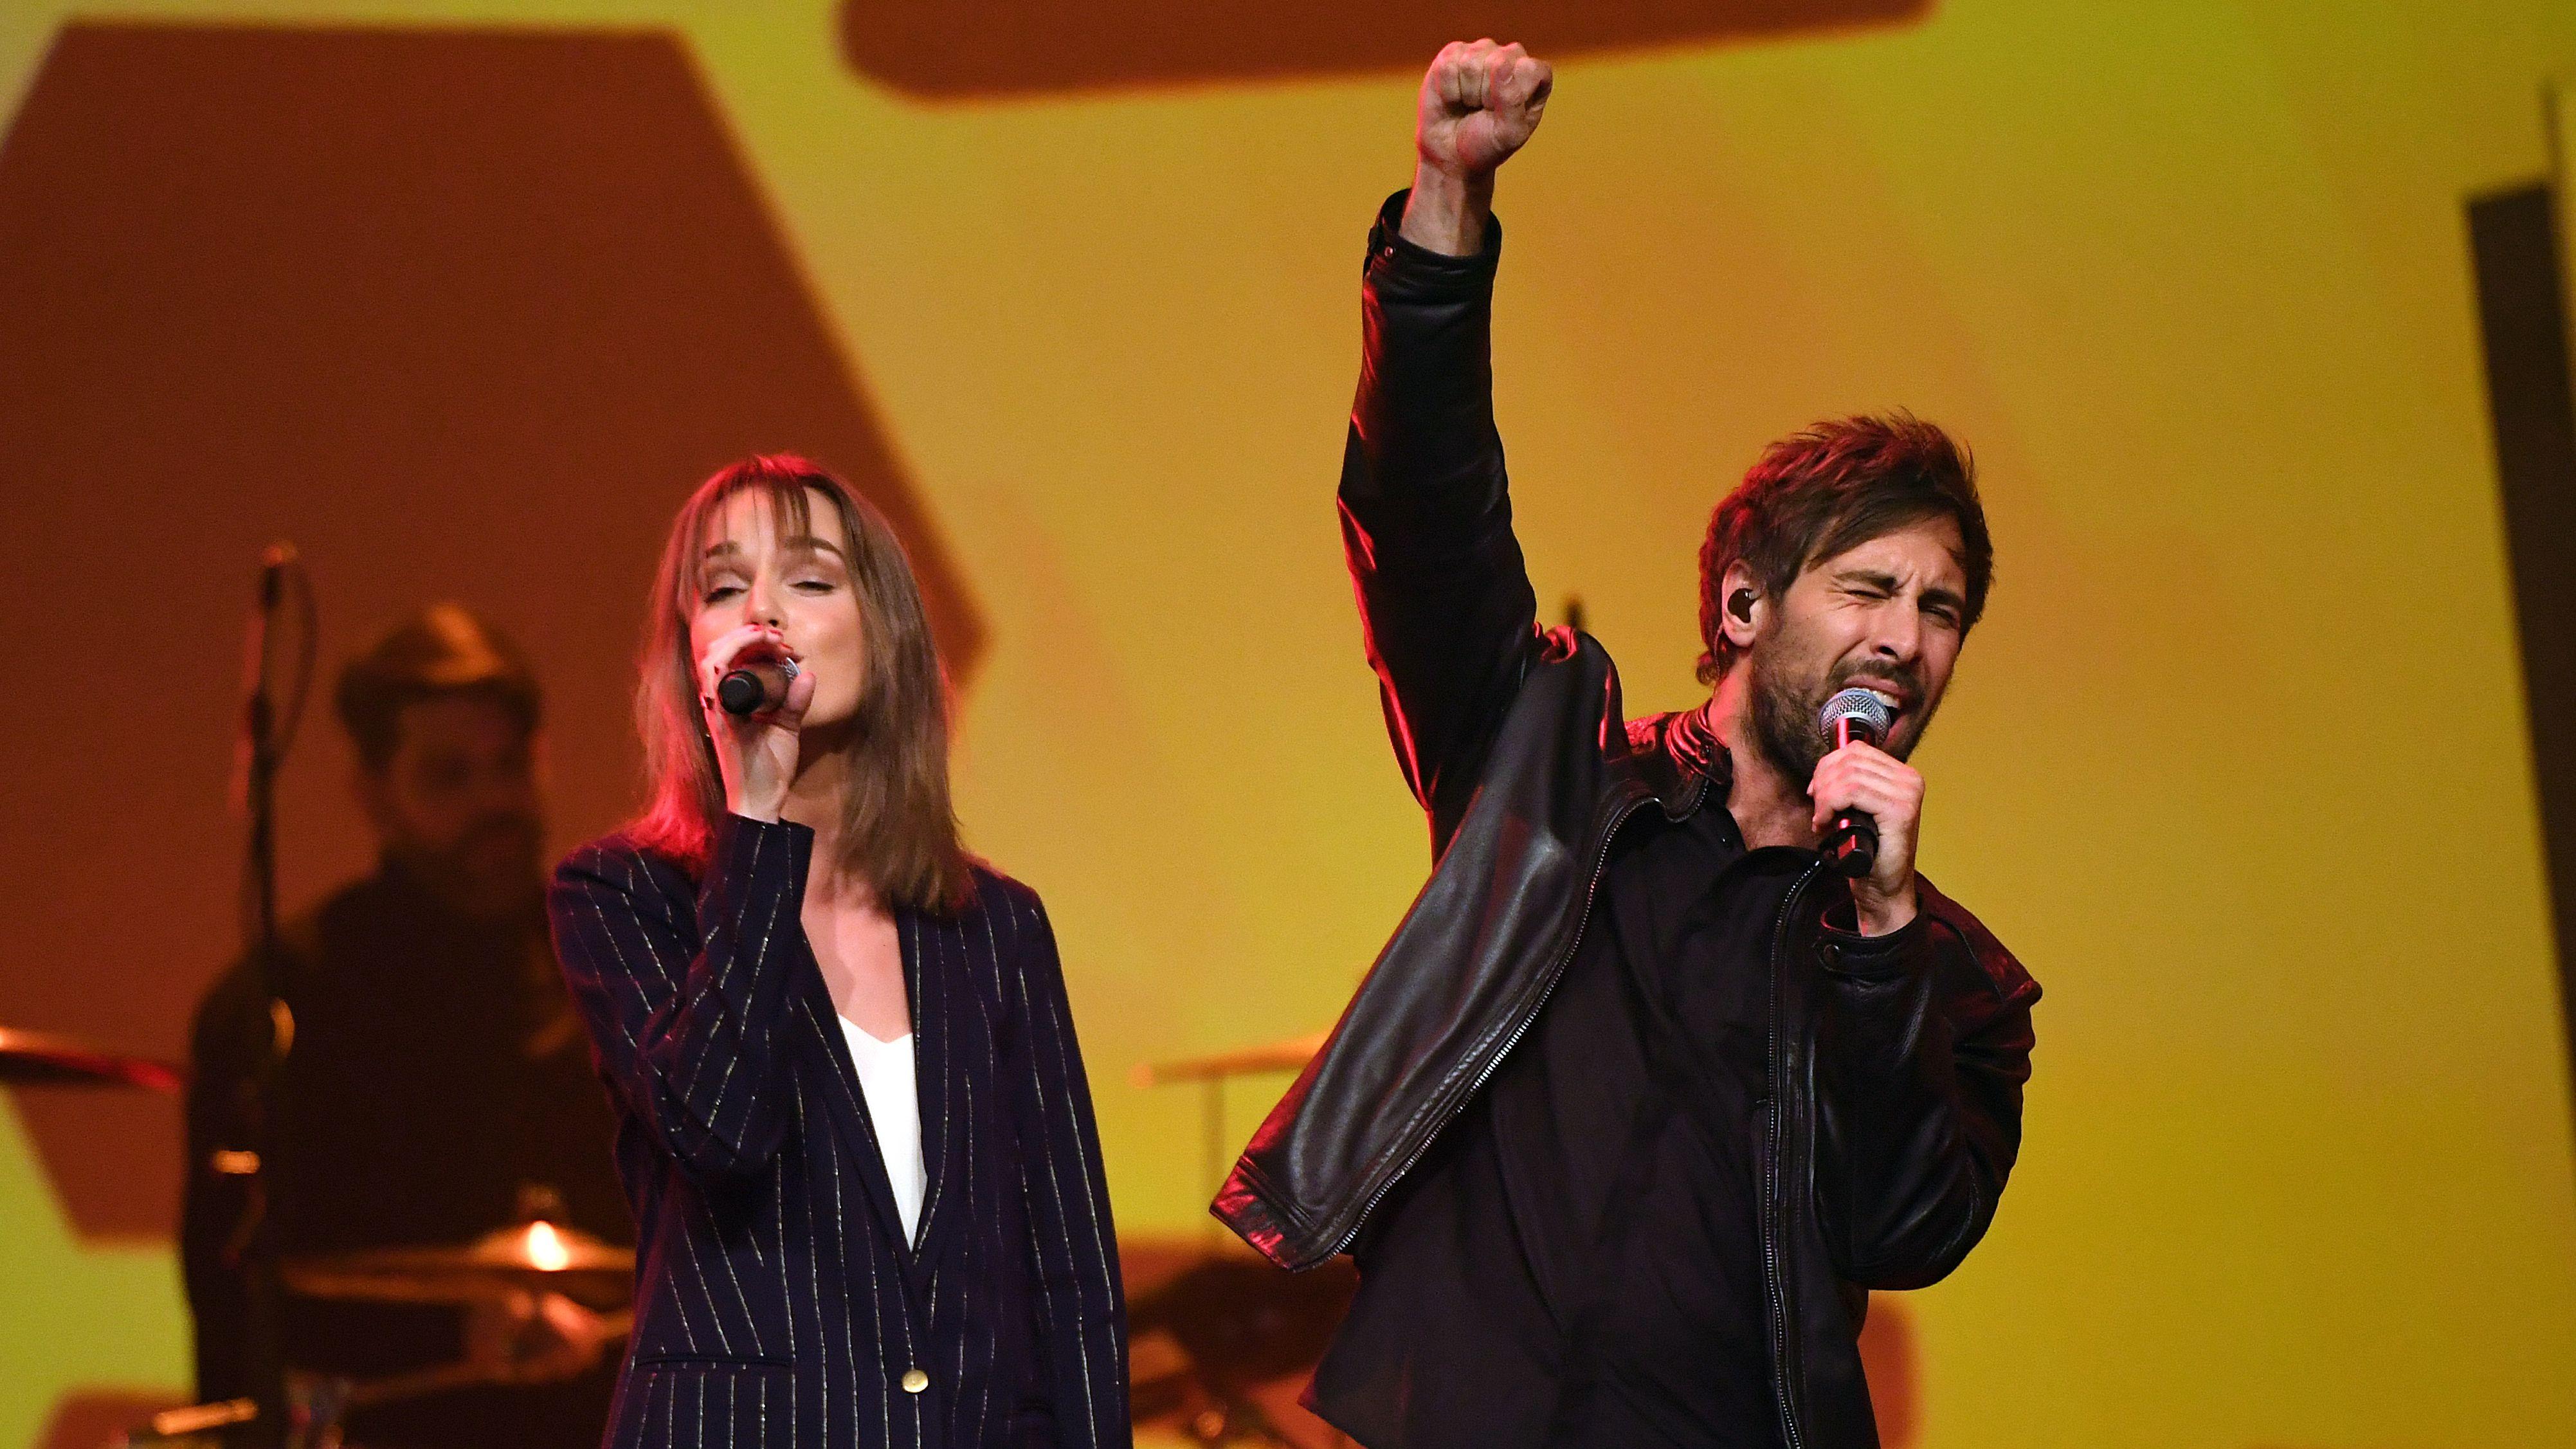 Sängerin Lotte und Sänger Max Giesinger singen beide auf einer Bühne.